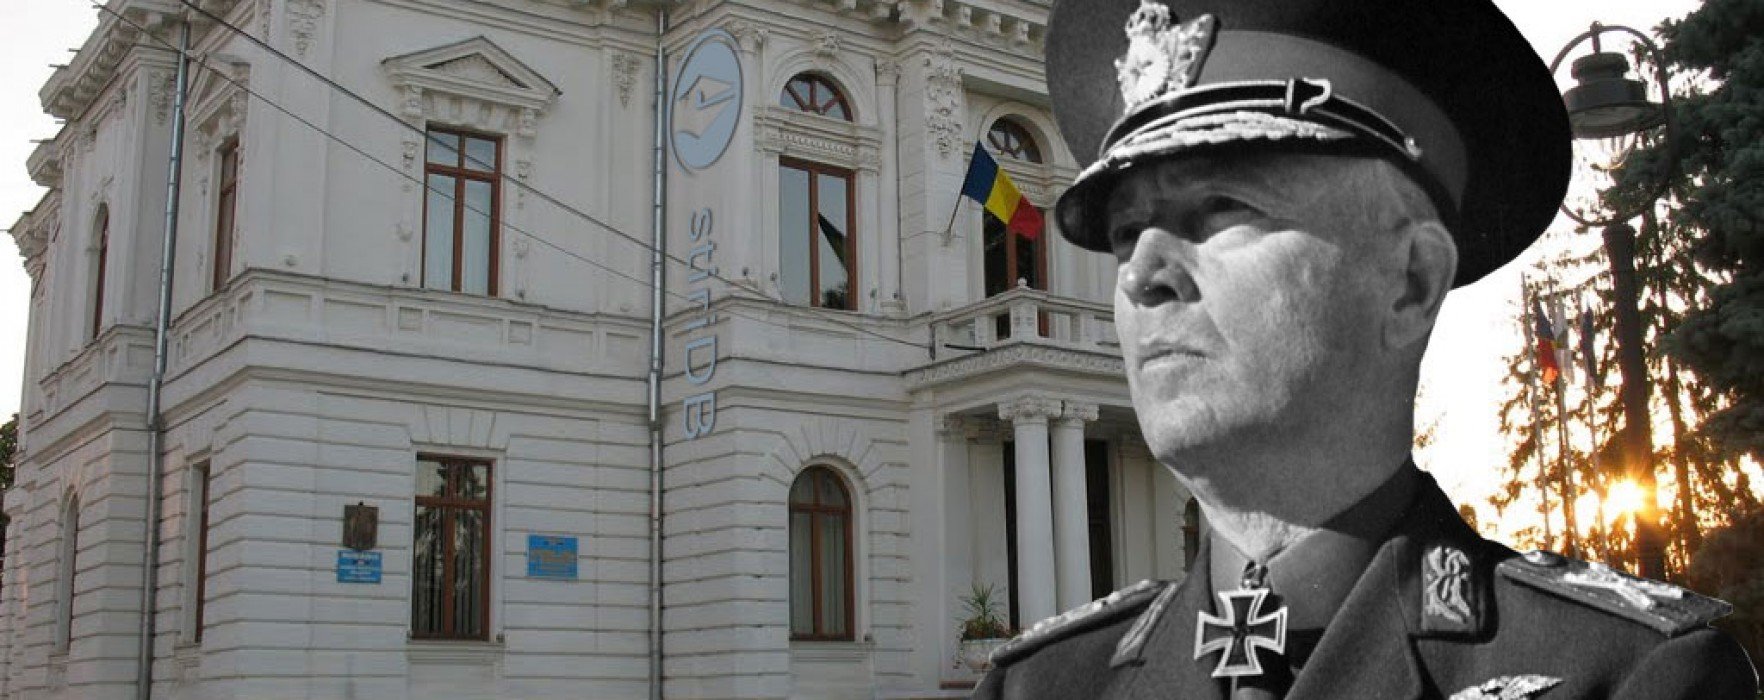 EXCLUSIV: Institutul Elie Wiesel cere Primăriei Târgovişte retragerea titlului de cetăţean de onoare mareşalului Ion Antonescu